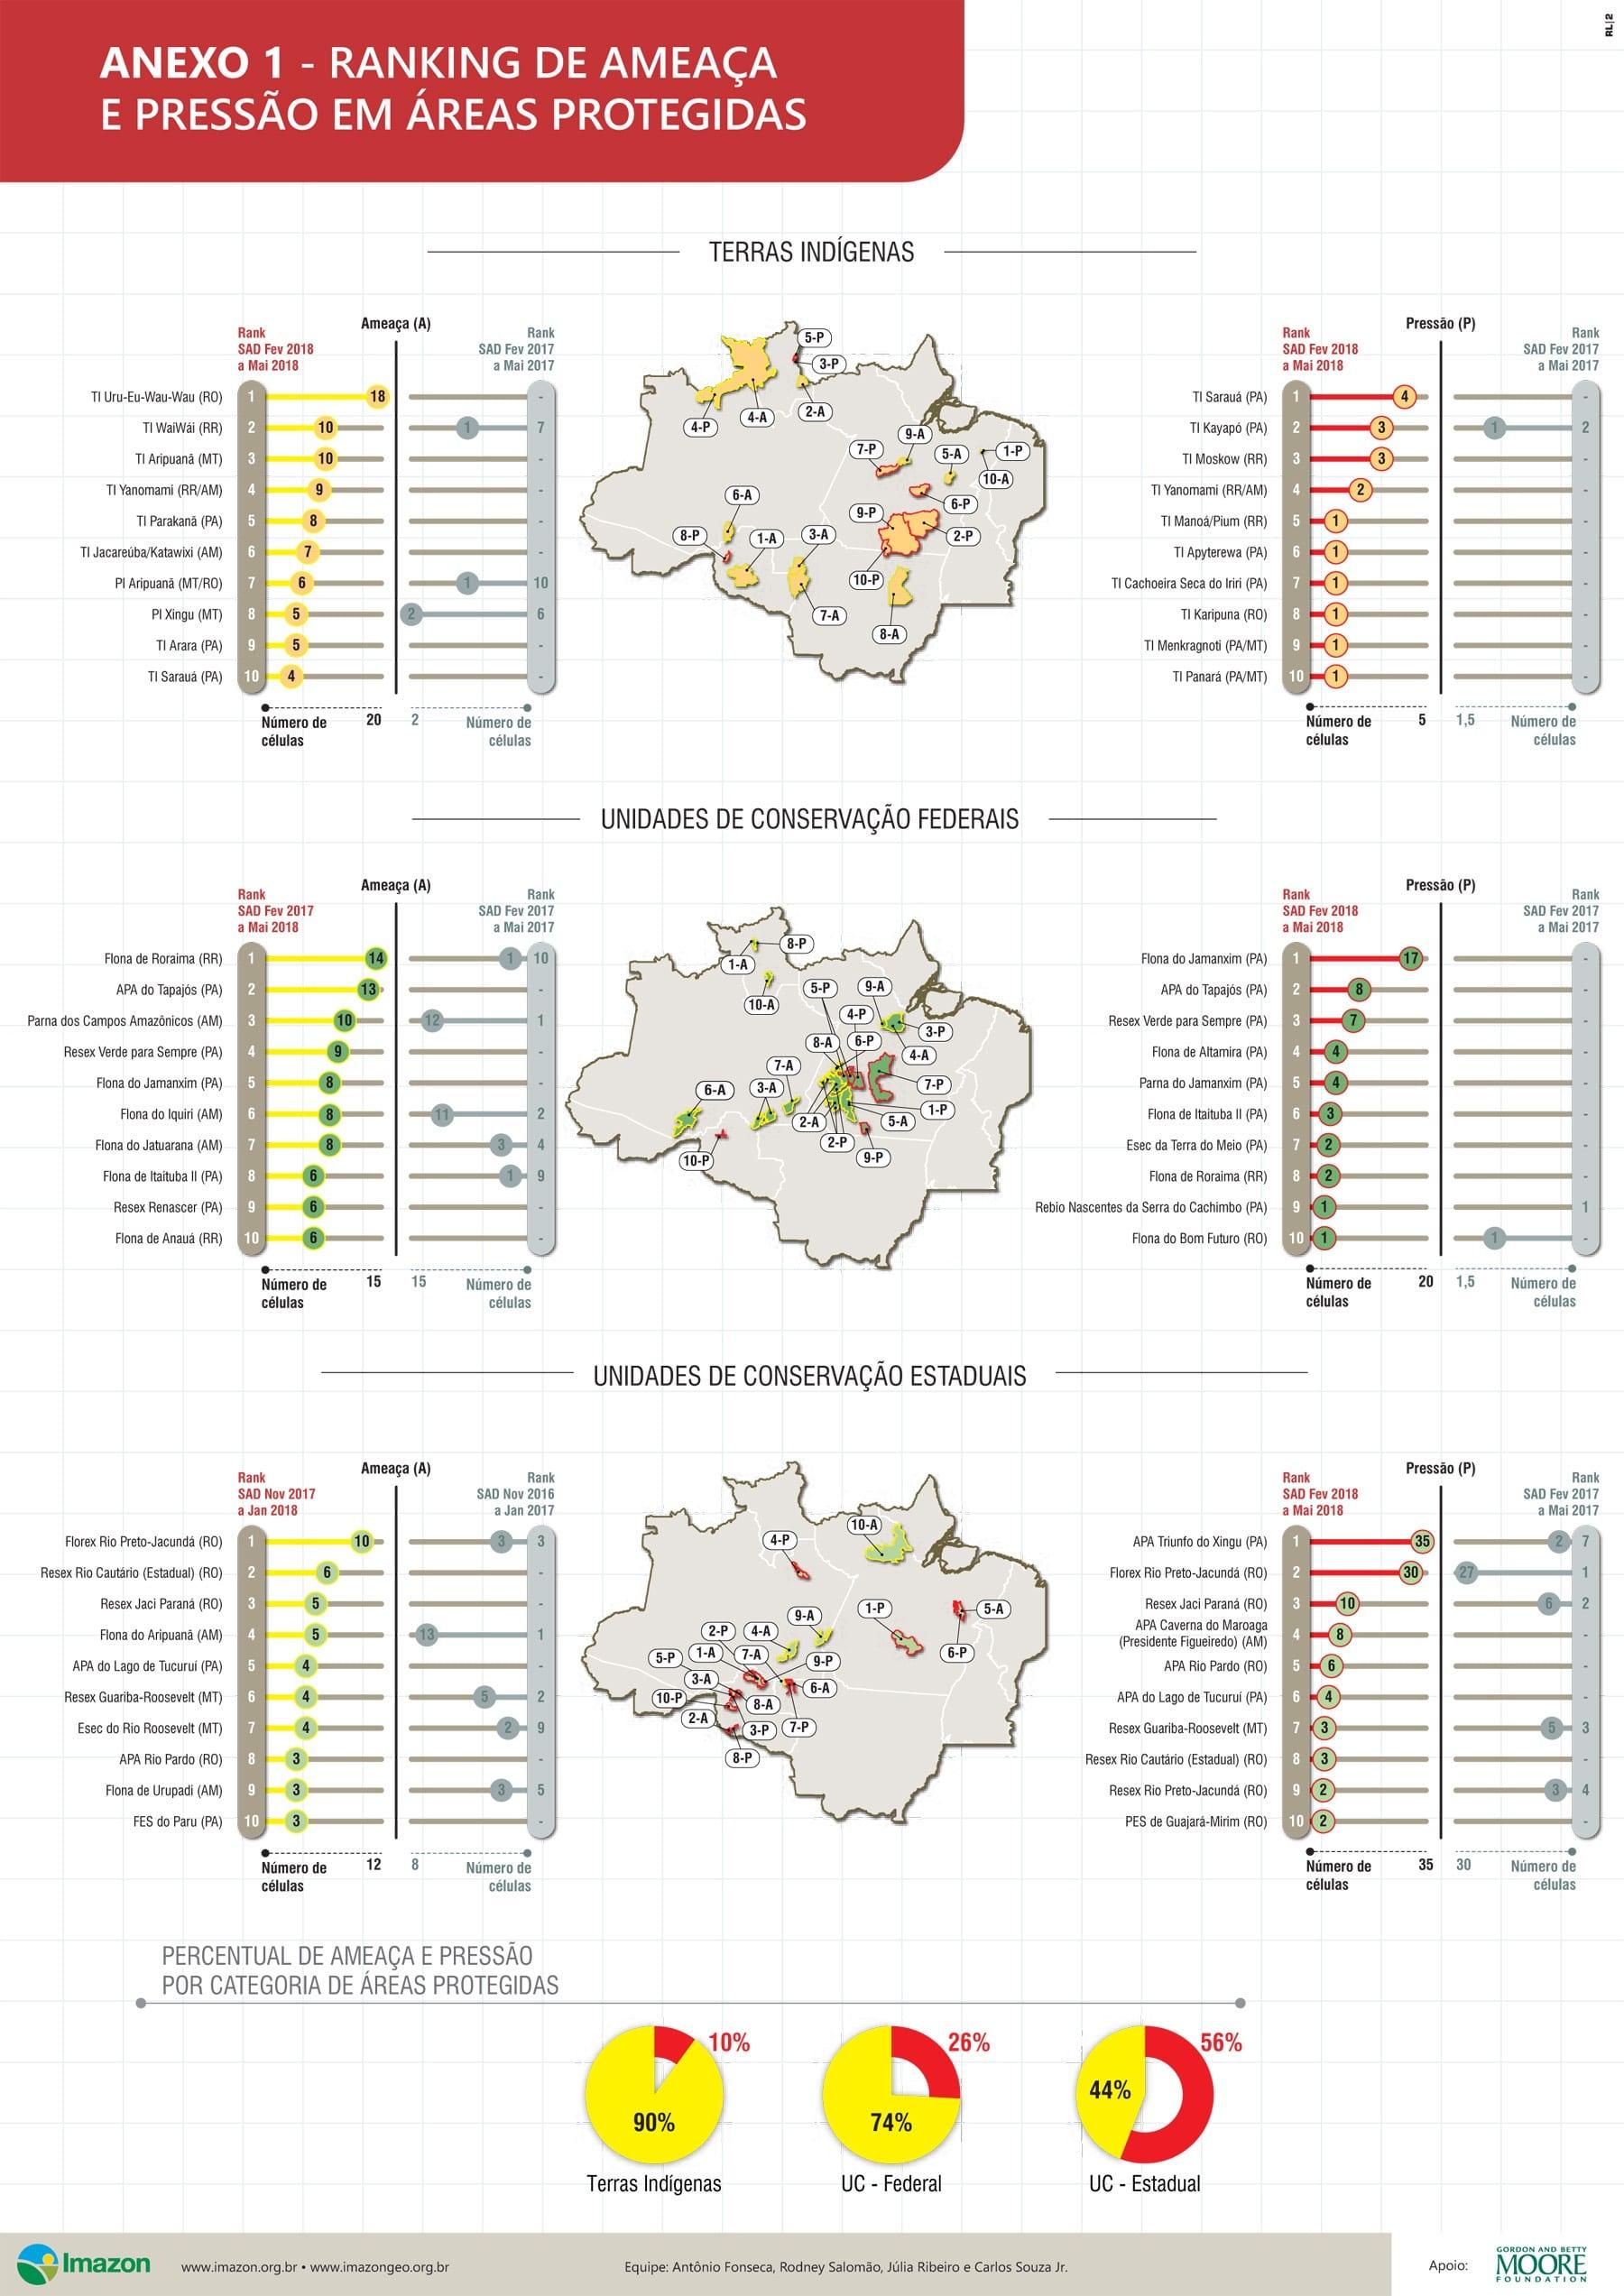 AmeacaPressao APs fevereiro a maio 2018 anexo - Ameaça e Pressão de desmatamento em Áreas Protegidas: SAD fevereiro a maio de 2018